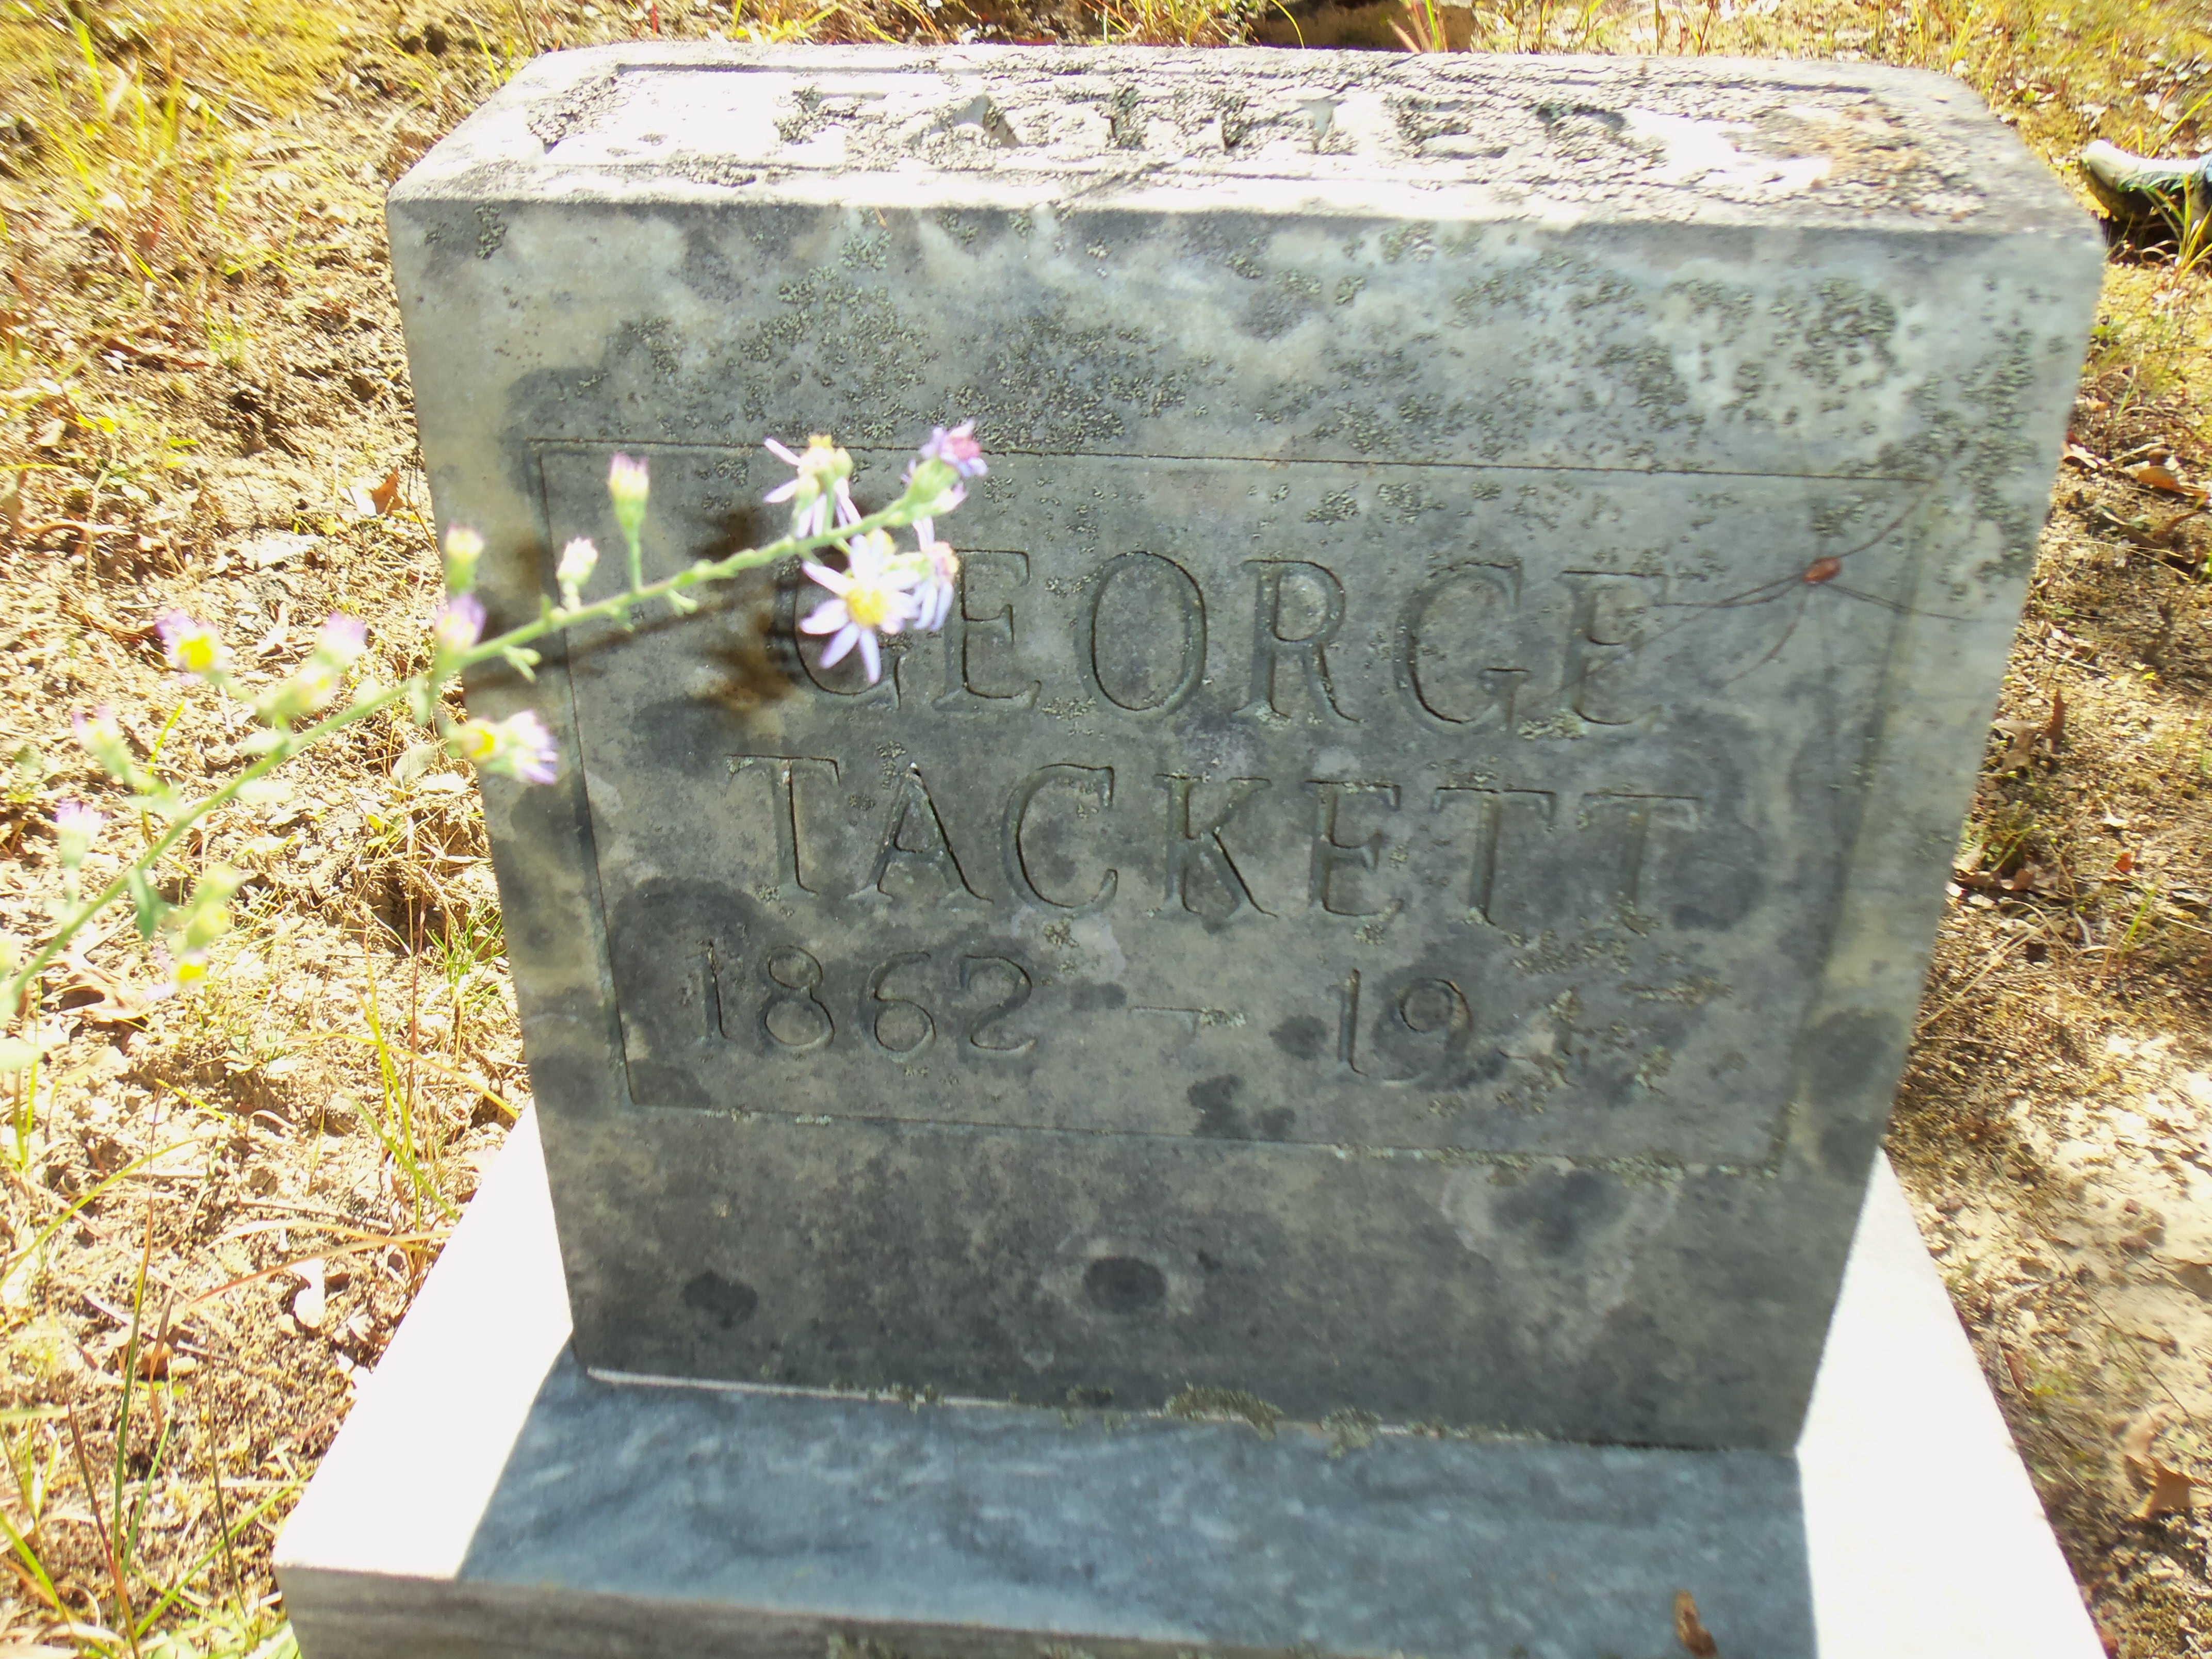 George Tackett